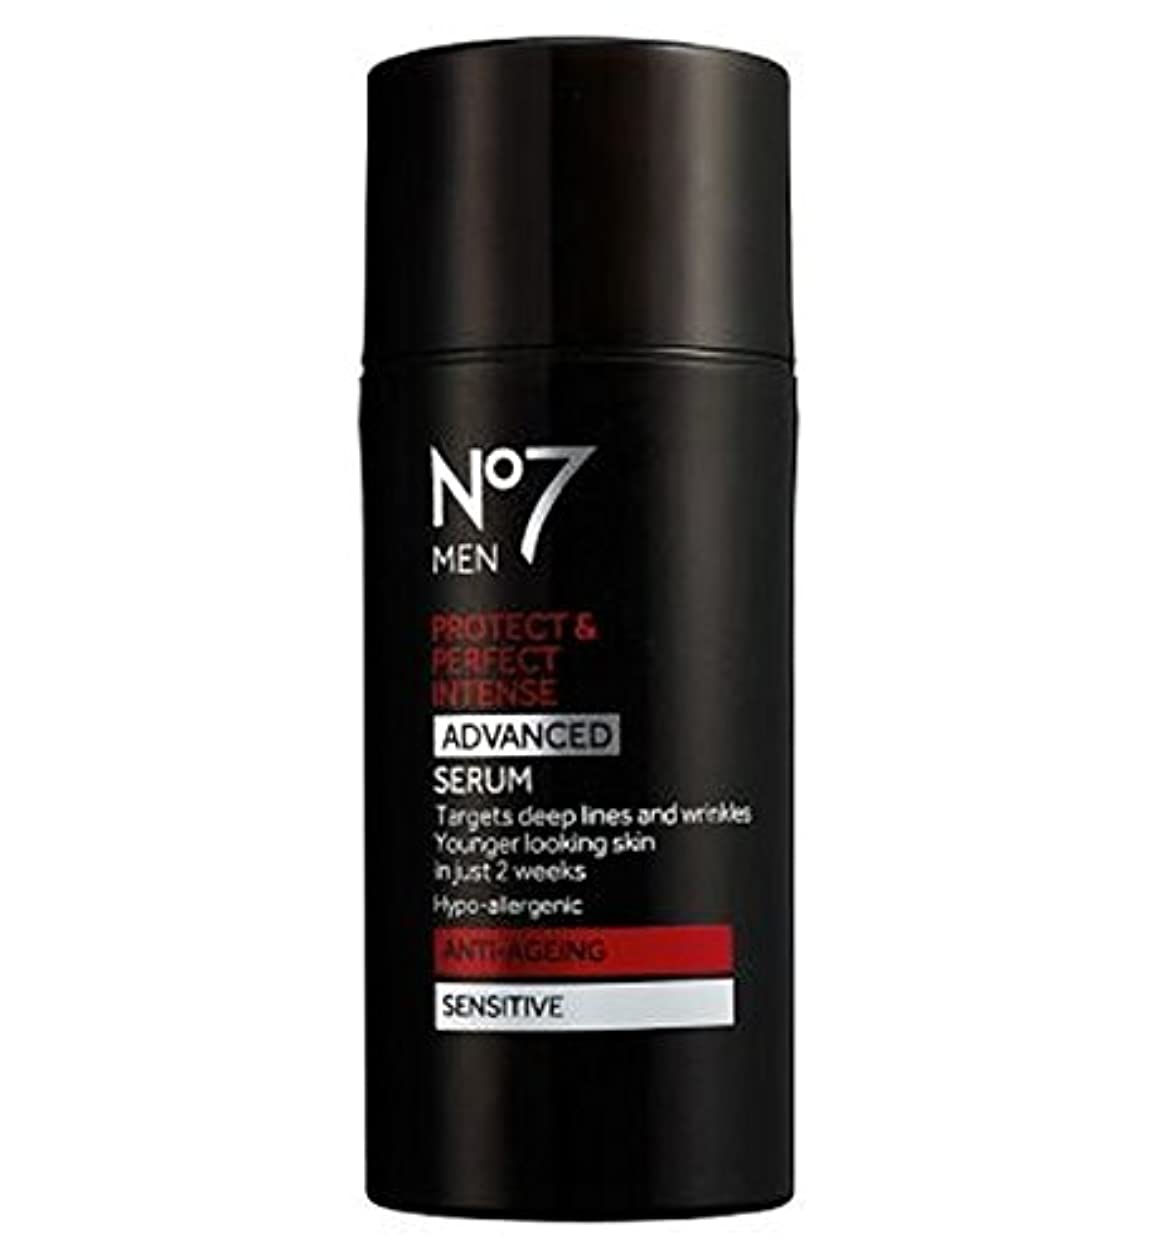 裁判官デッド頑固なNo7の男性は強烈な高度な血清を保護&完璧 (No7) (x2) - No7 Men Protect & Perfect Intense ADVANCED Serum (Pack of 2) [並行輸入品]